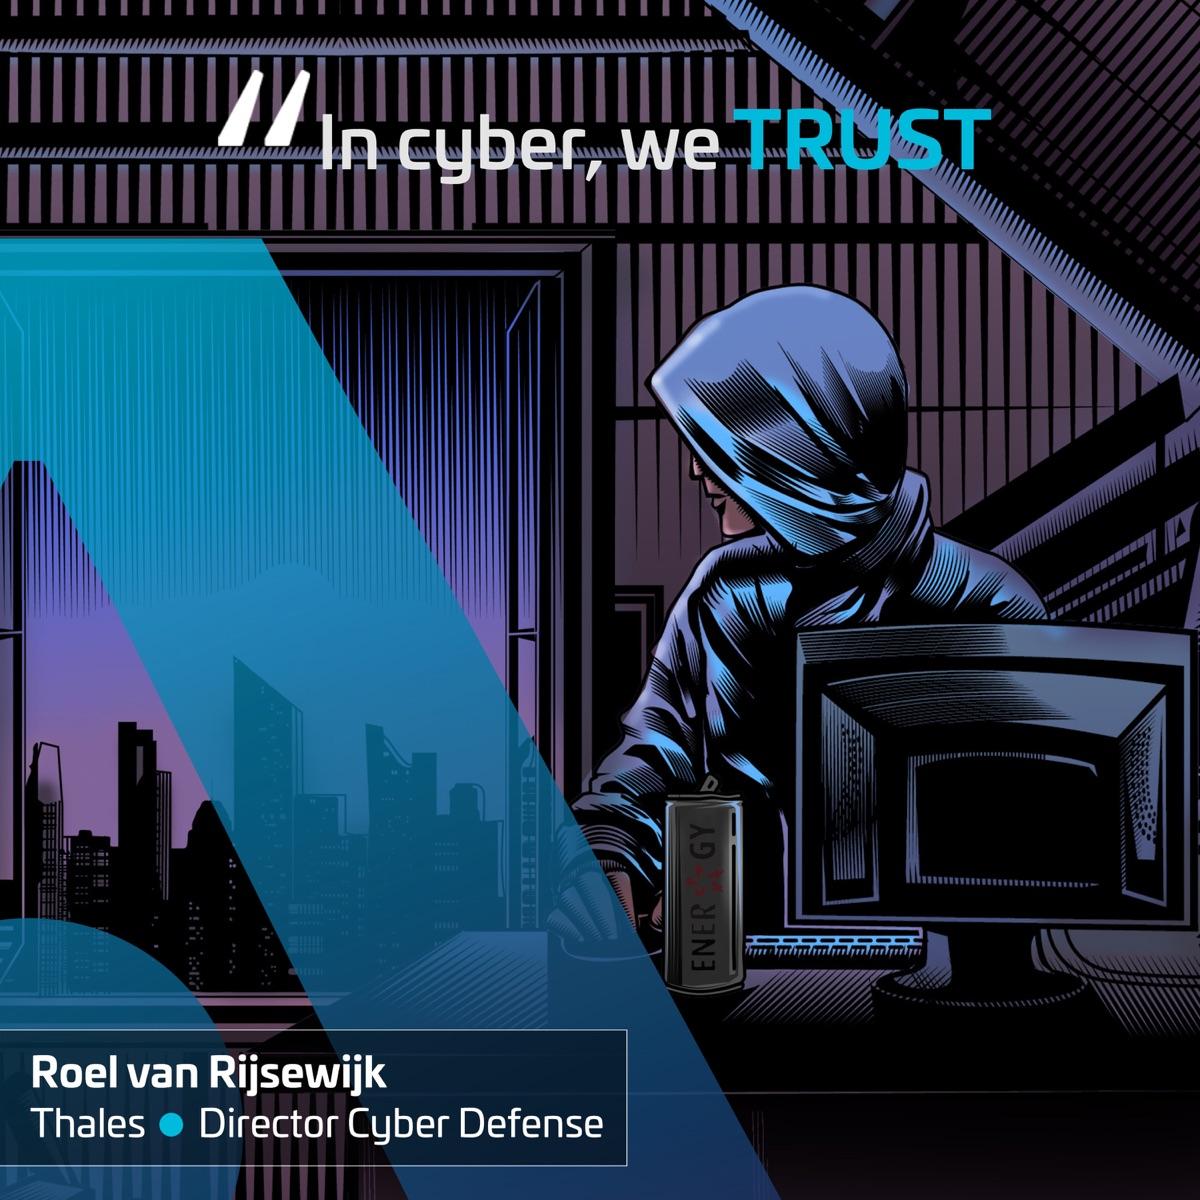 In cyber we trust